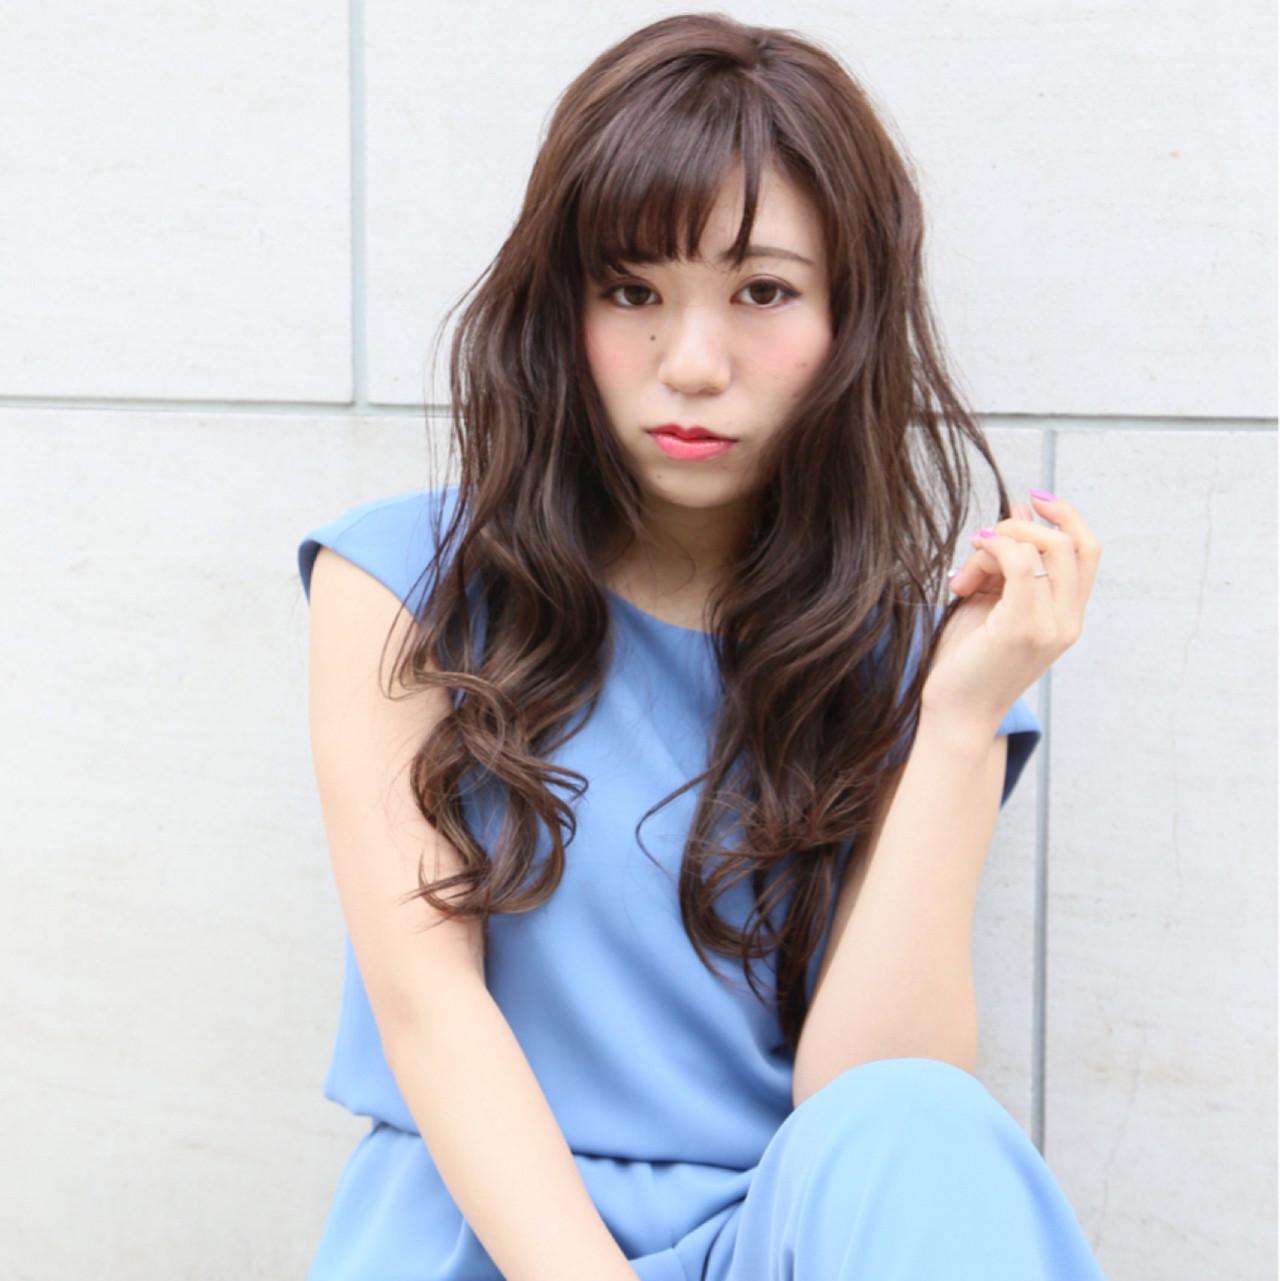 フリンジバング ハイライト ロング アッシュ ヘアスタイルや髪型の写真・画像 | Mayu / a